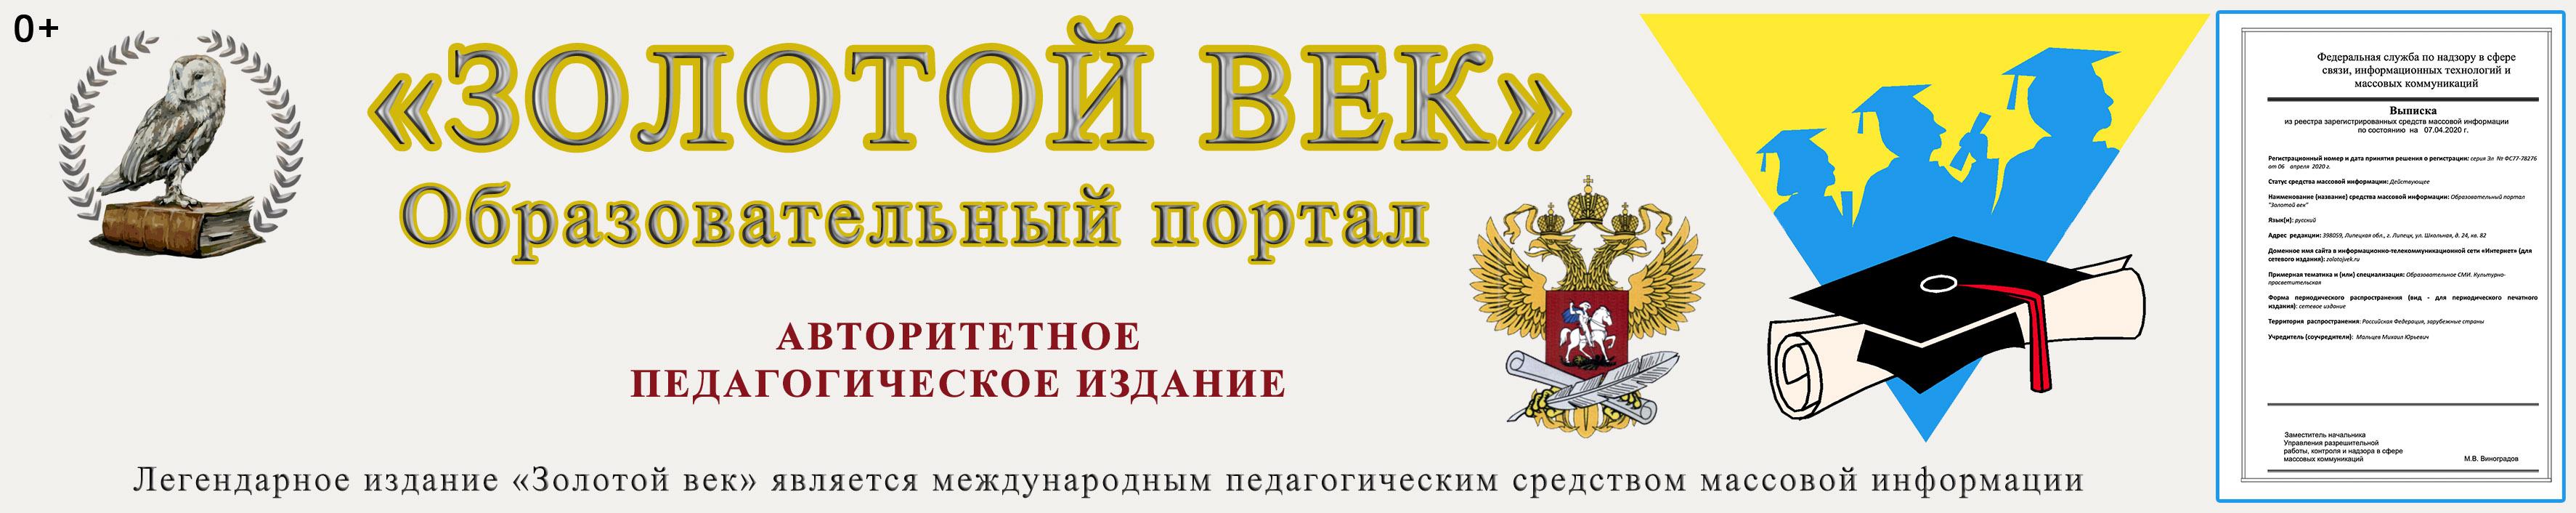 «Золотой век» - Всероссийский образовательный портал